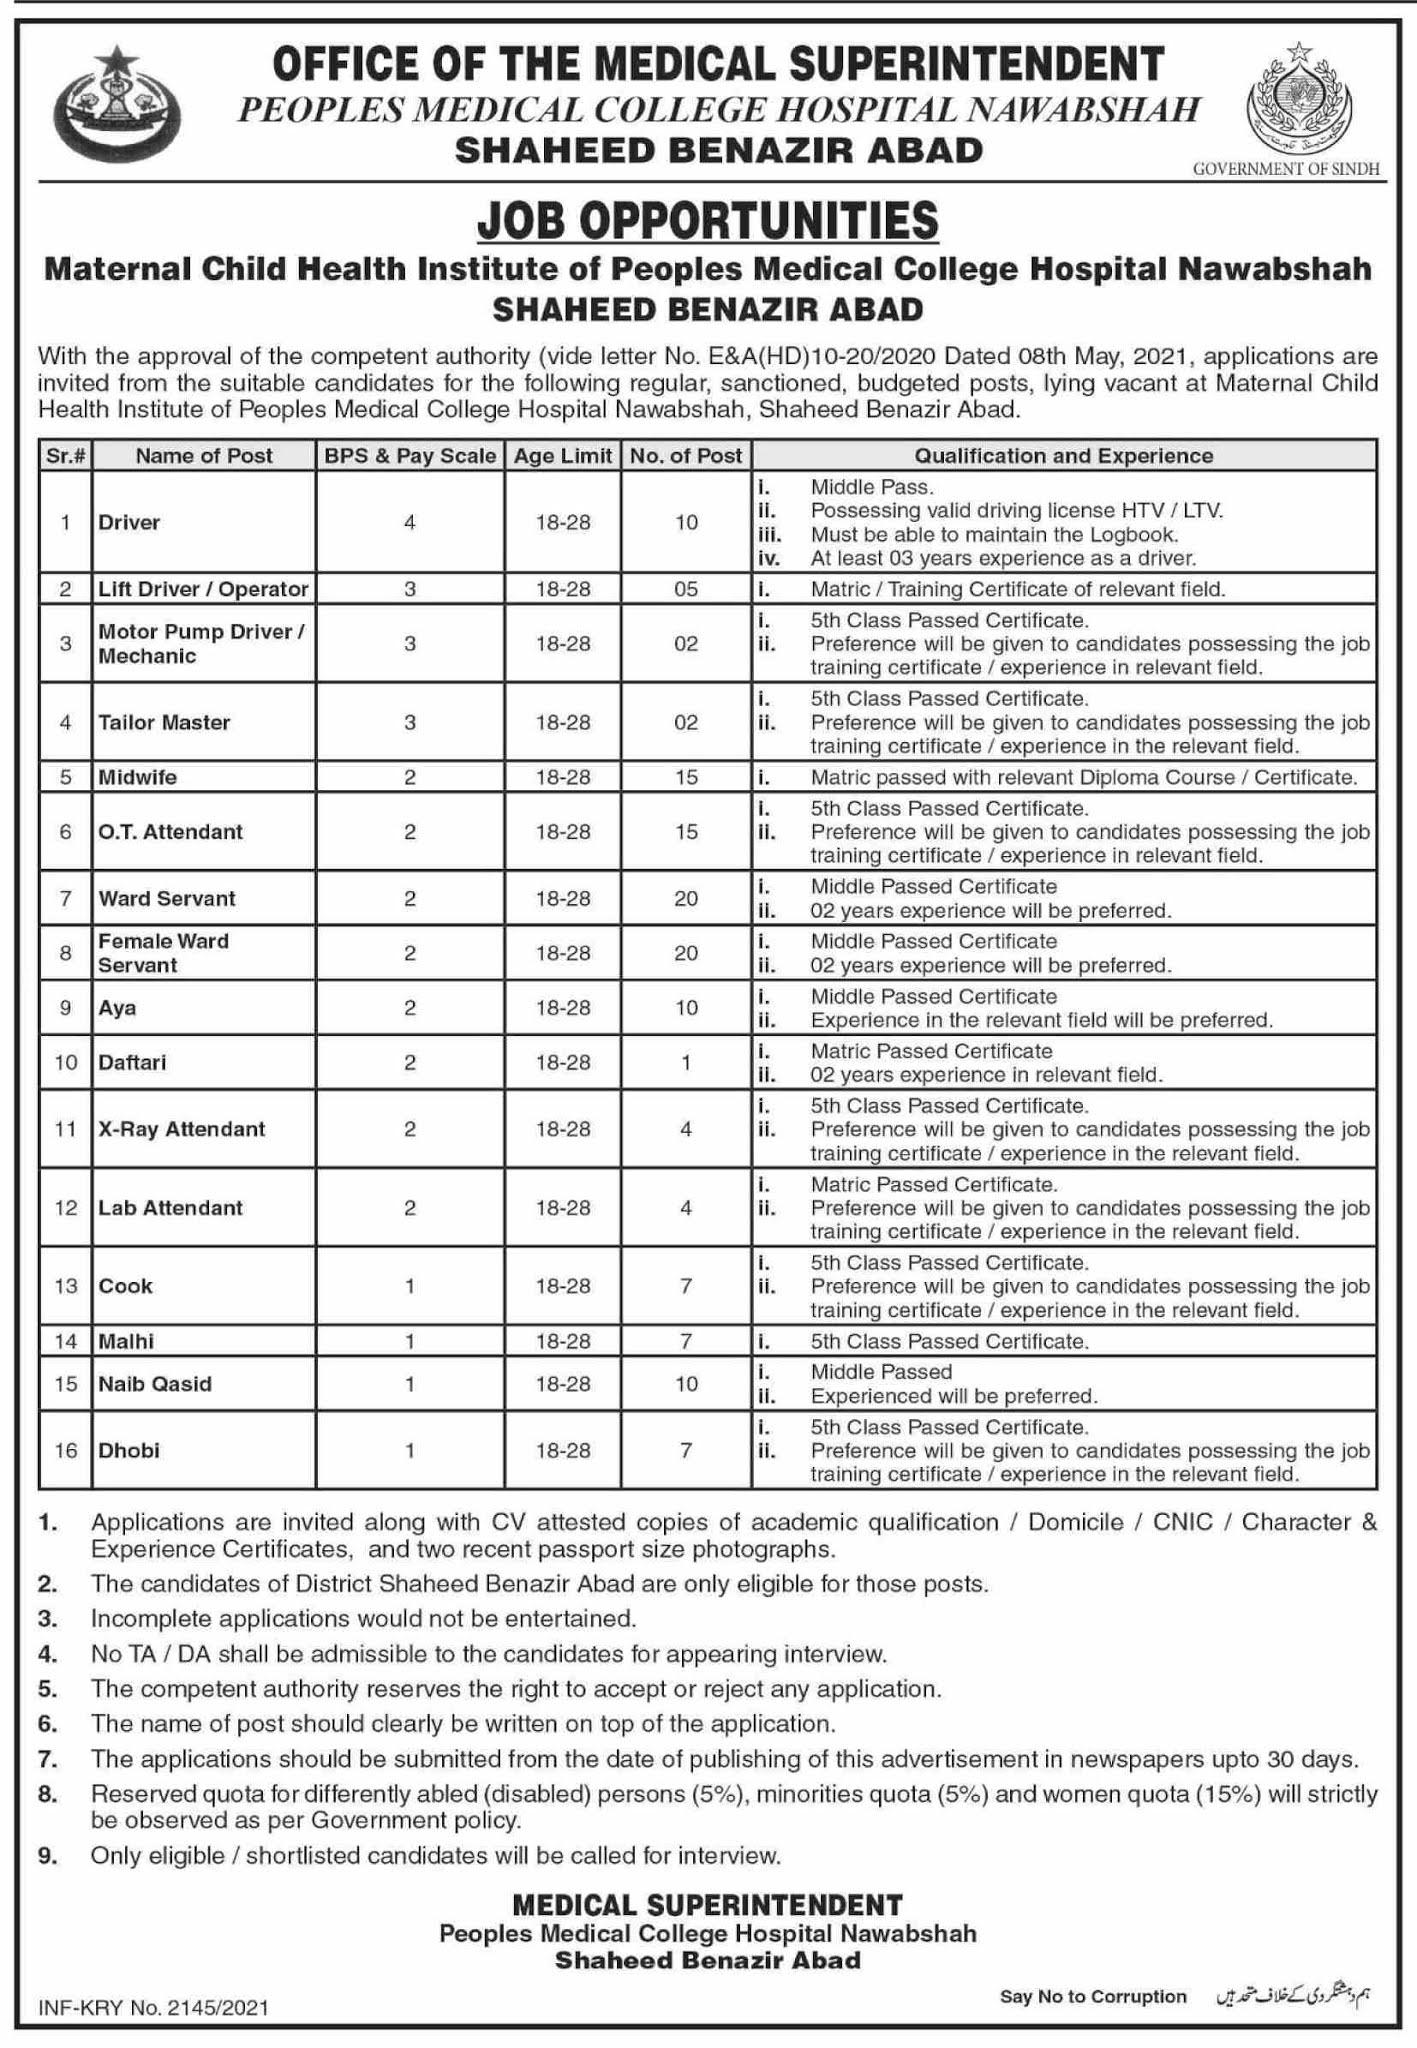 Peoples Medical College Hospital Nawabshah Jobs 2021 in Pakistan